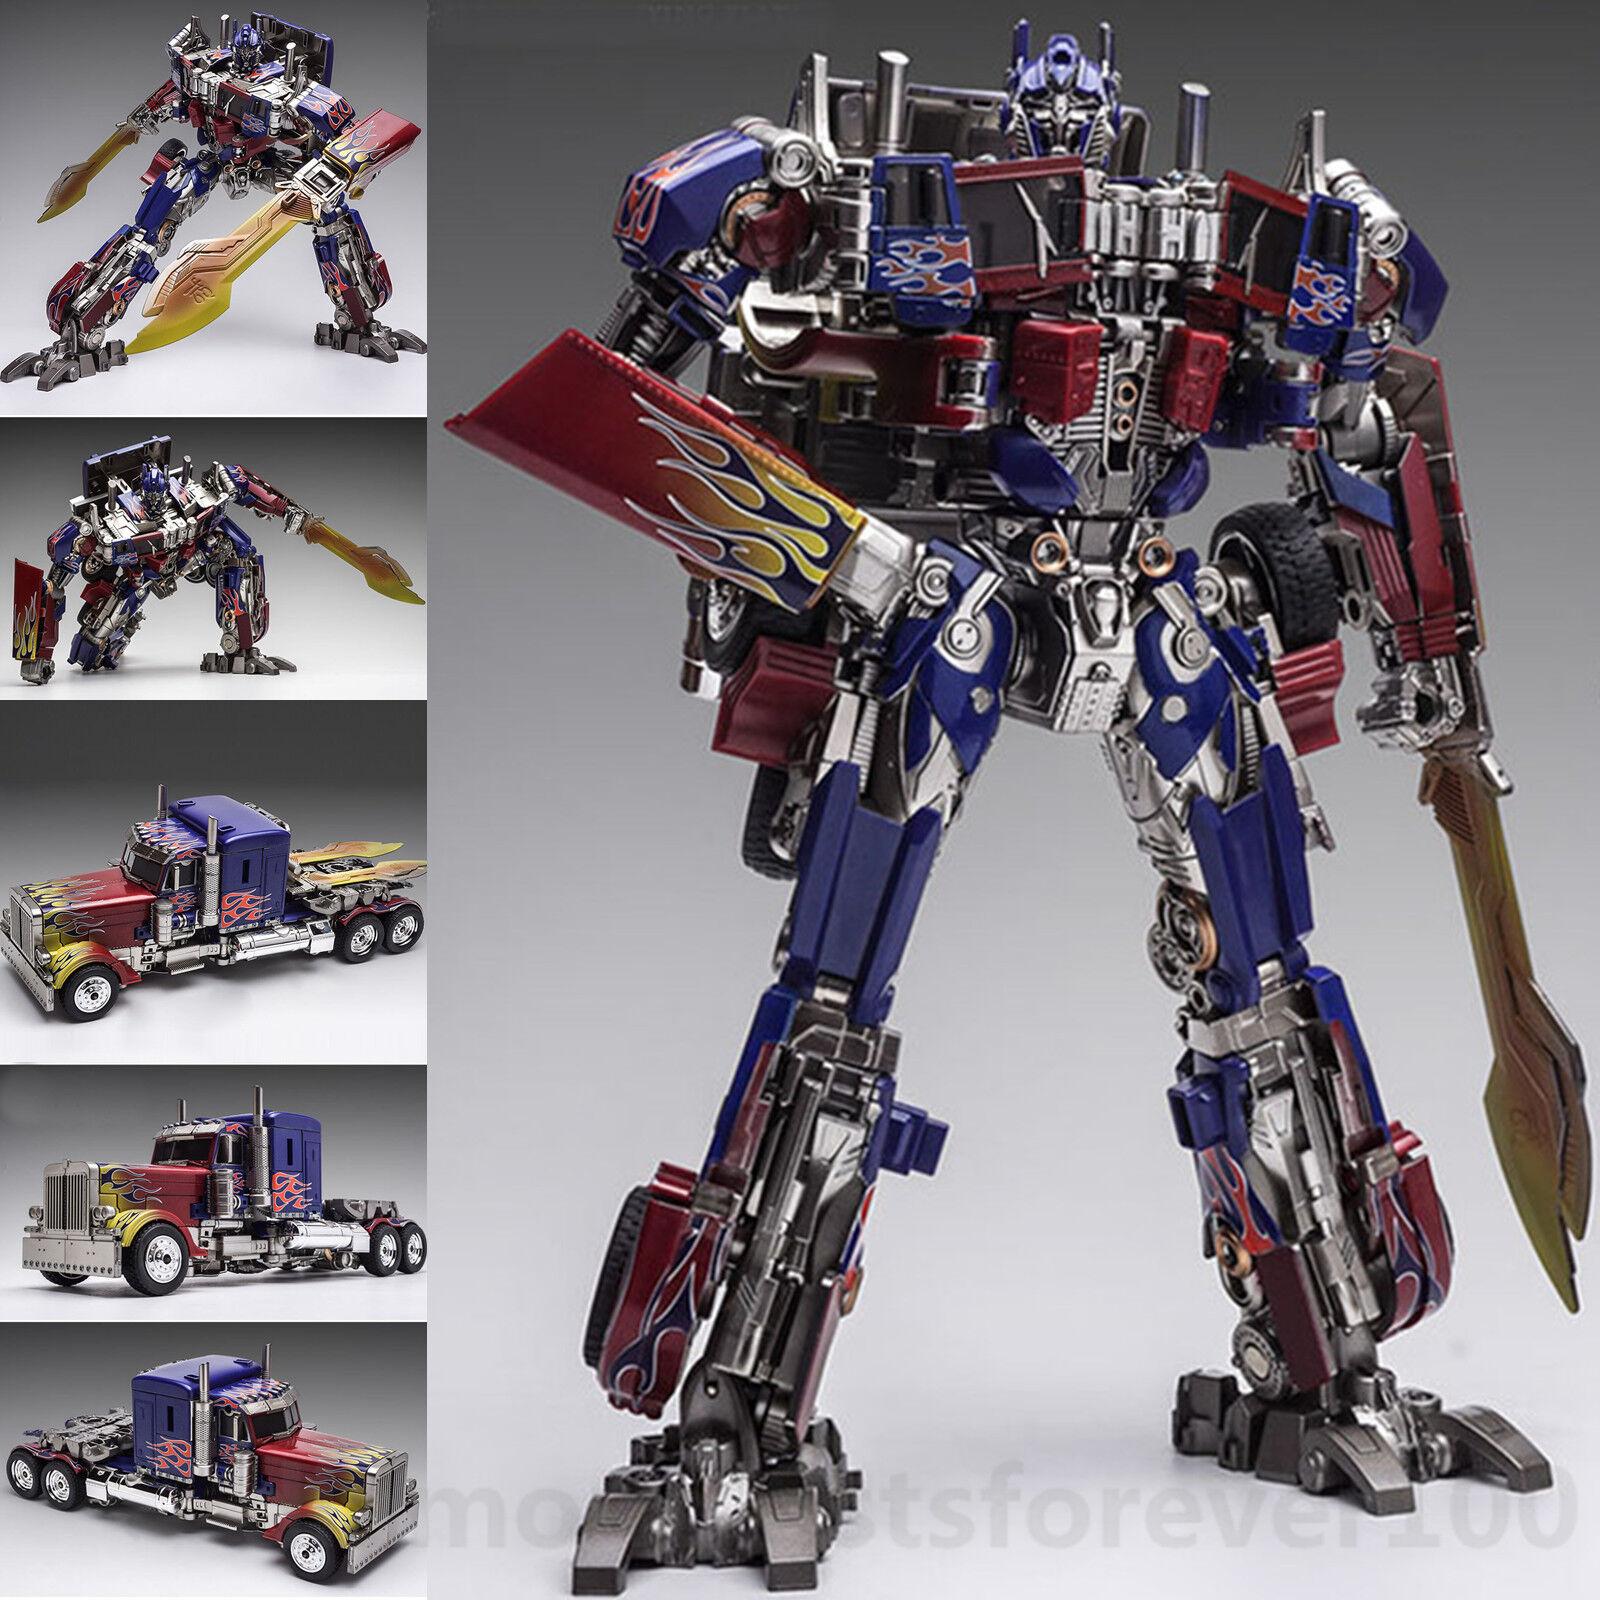 WeiJiang WeiJiang WeiJiang Transformers Action Figure  SS05 Oversized  Optimus Prime Boys Toy Gift 47da08